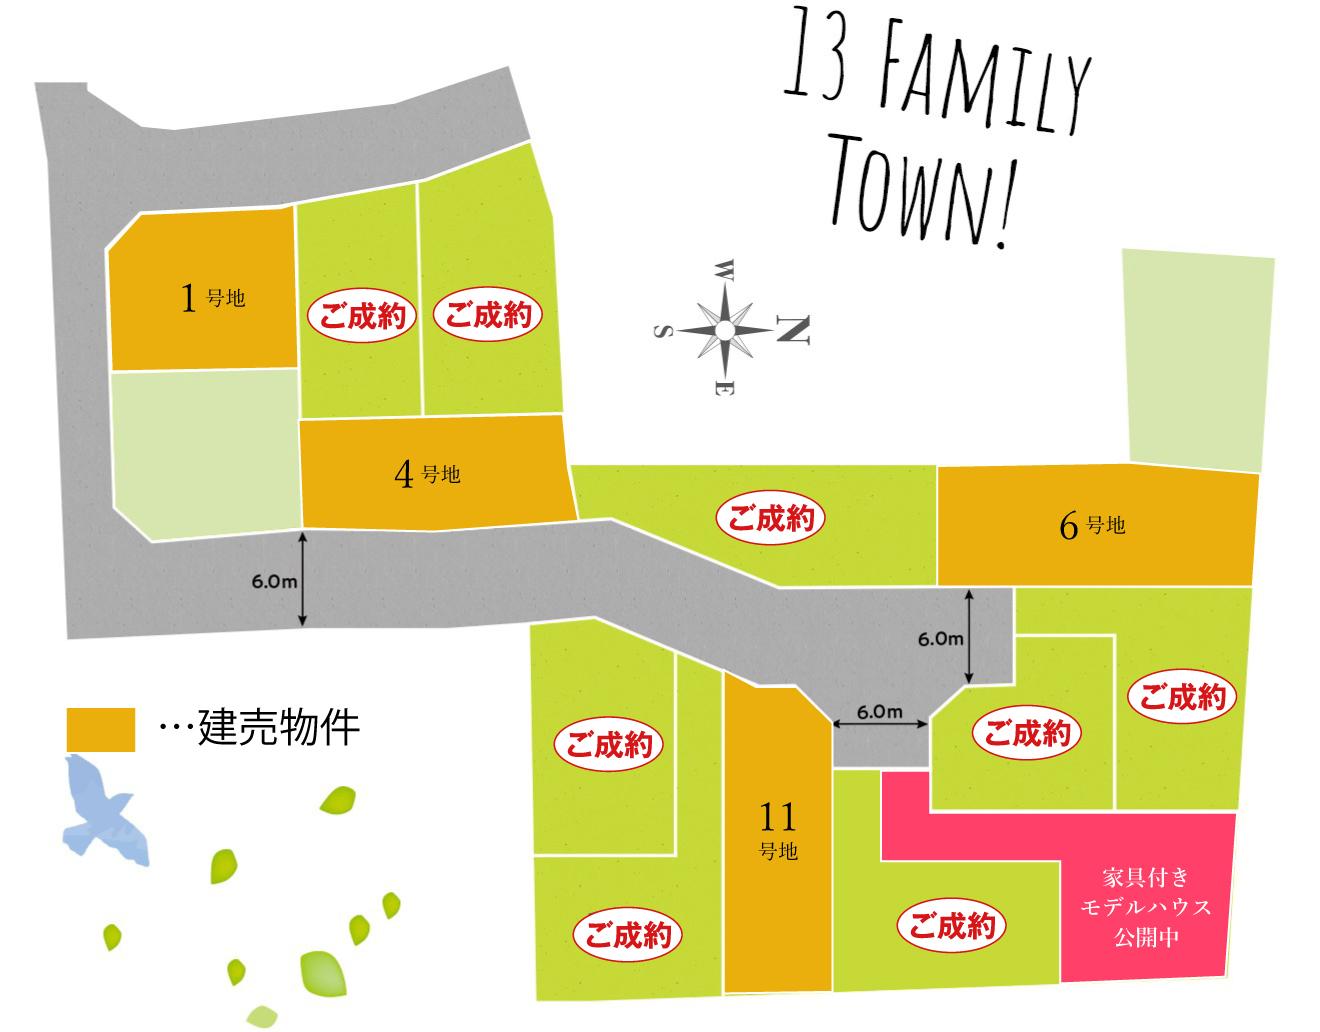 セントフローレンスタウンJR京田辺 区画図